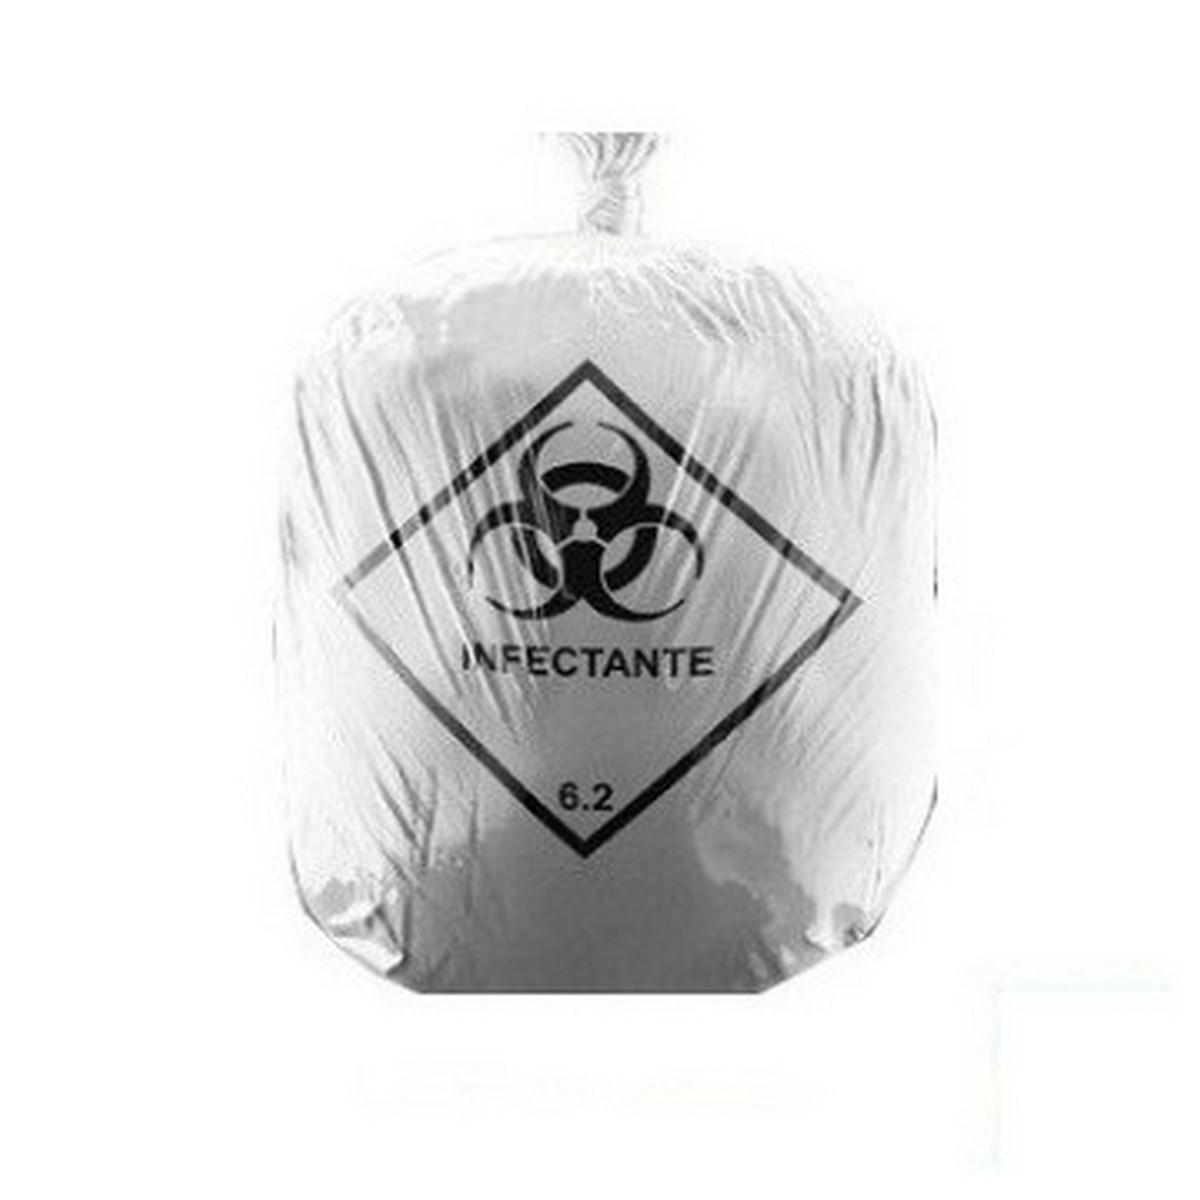 Distribuidora de sacos de lixo sp